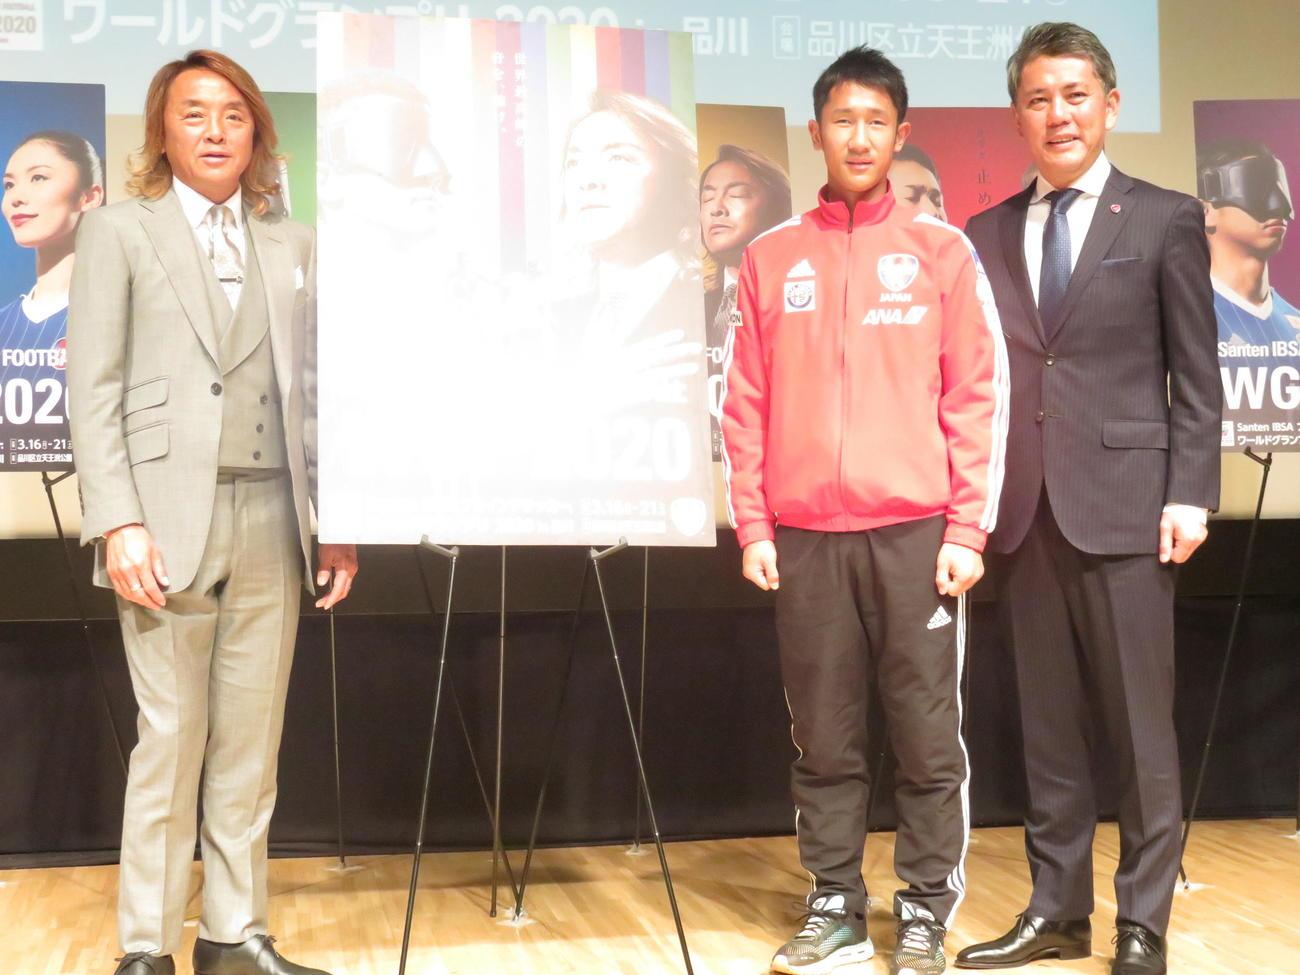 ワールドグランプリ出場チーム発表・抽選会に出席した、左から日本障がい者サッカー連盟・北沢豪会長、日本代表の川村怜主将、高田敏志監督(撮影・小堀泰男)